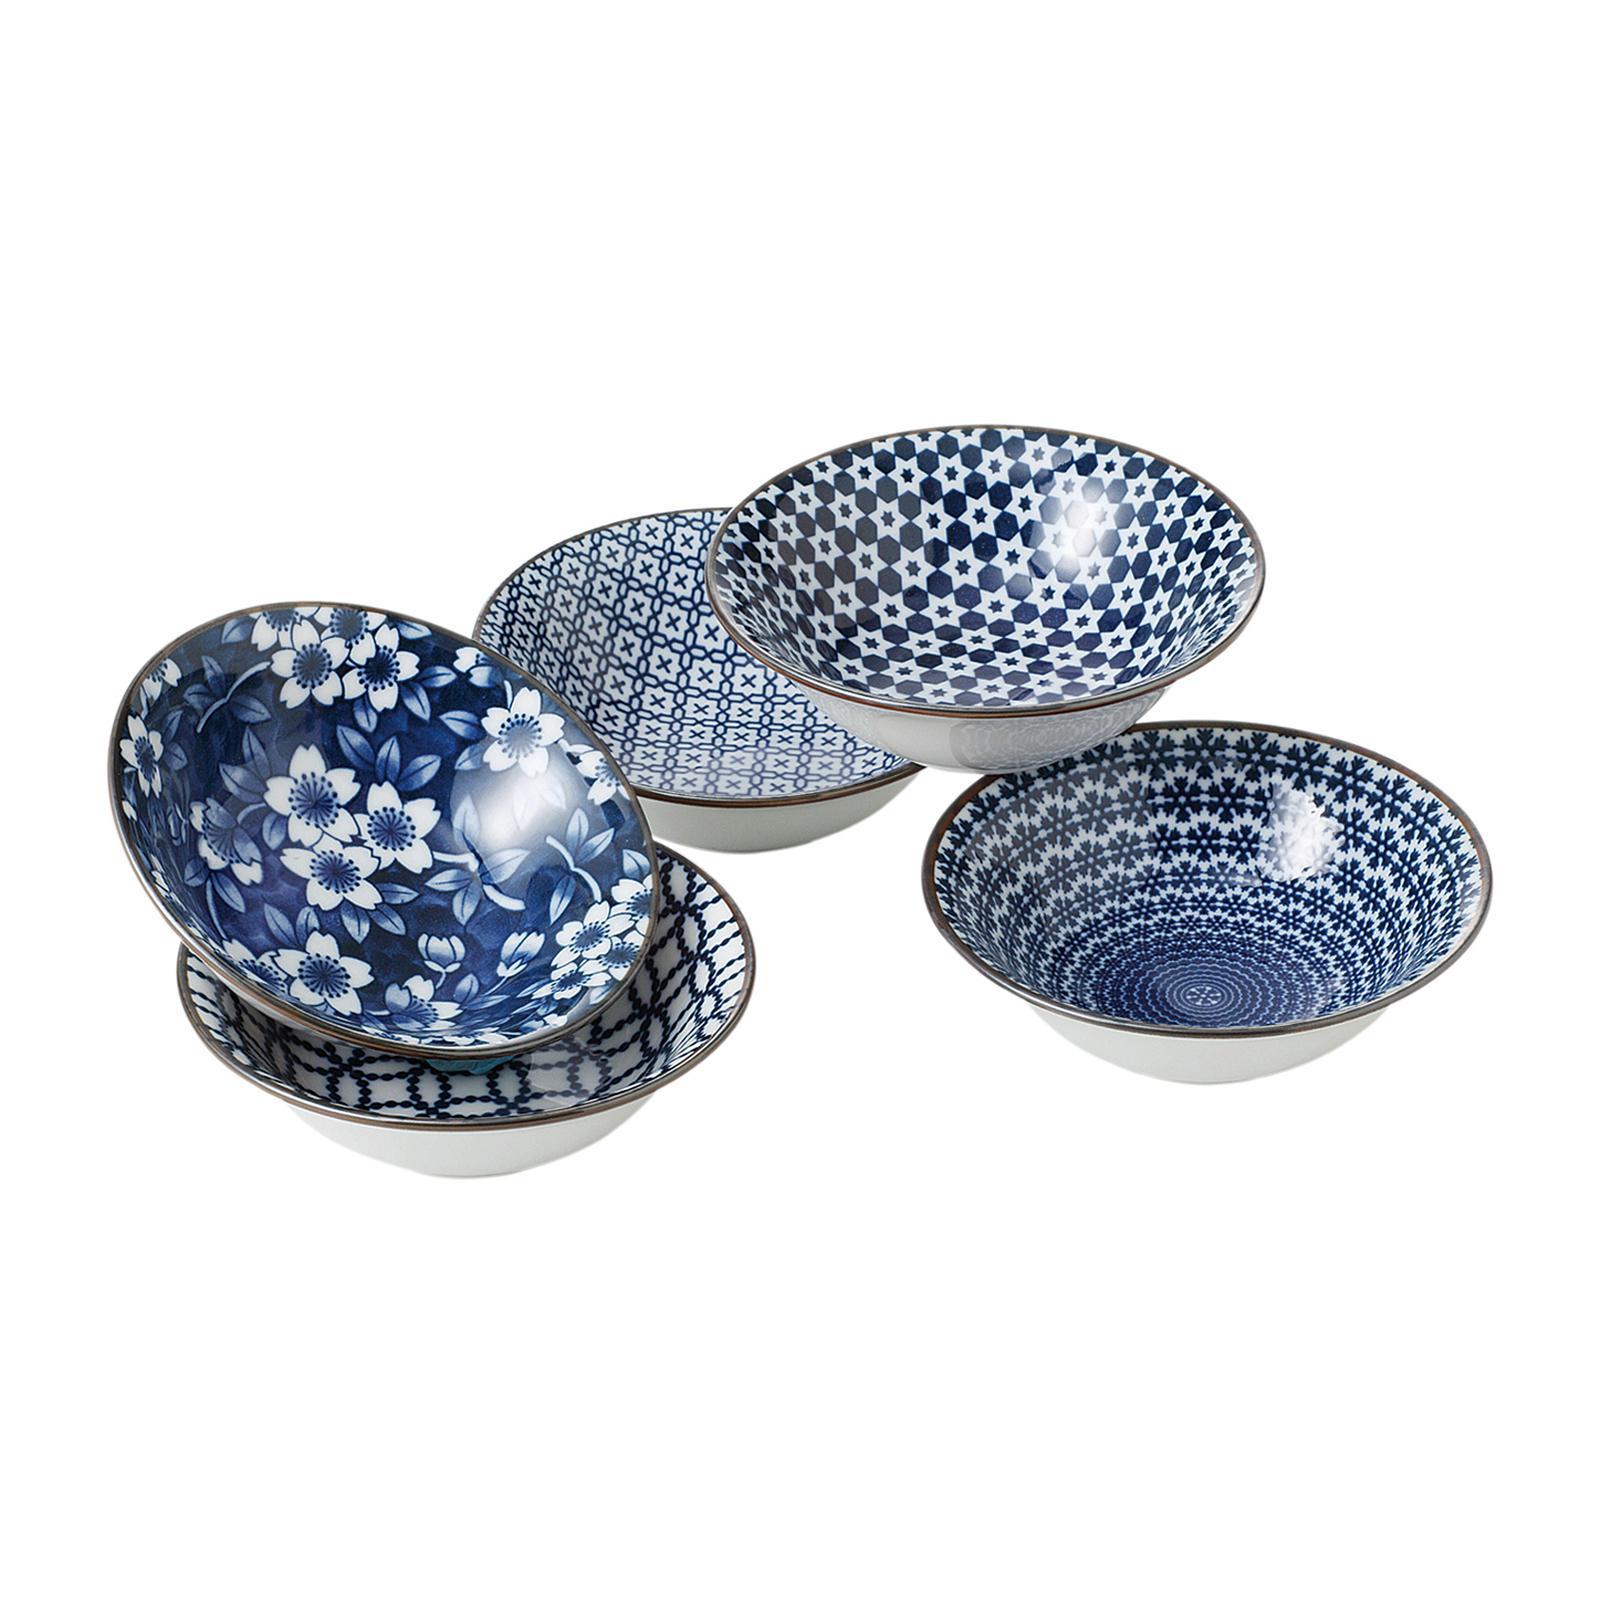 Tsuru 78 - 53 - 45 5 PCS Soup Bowl Set